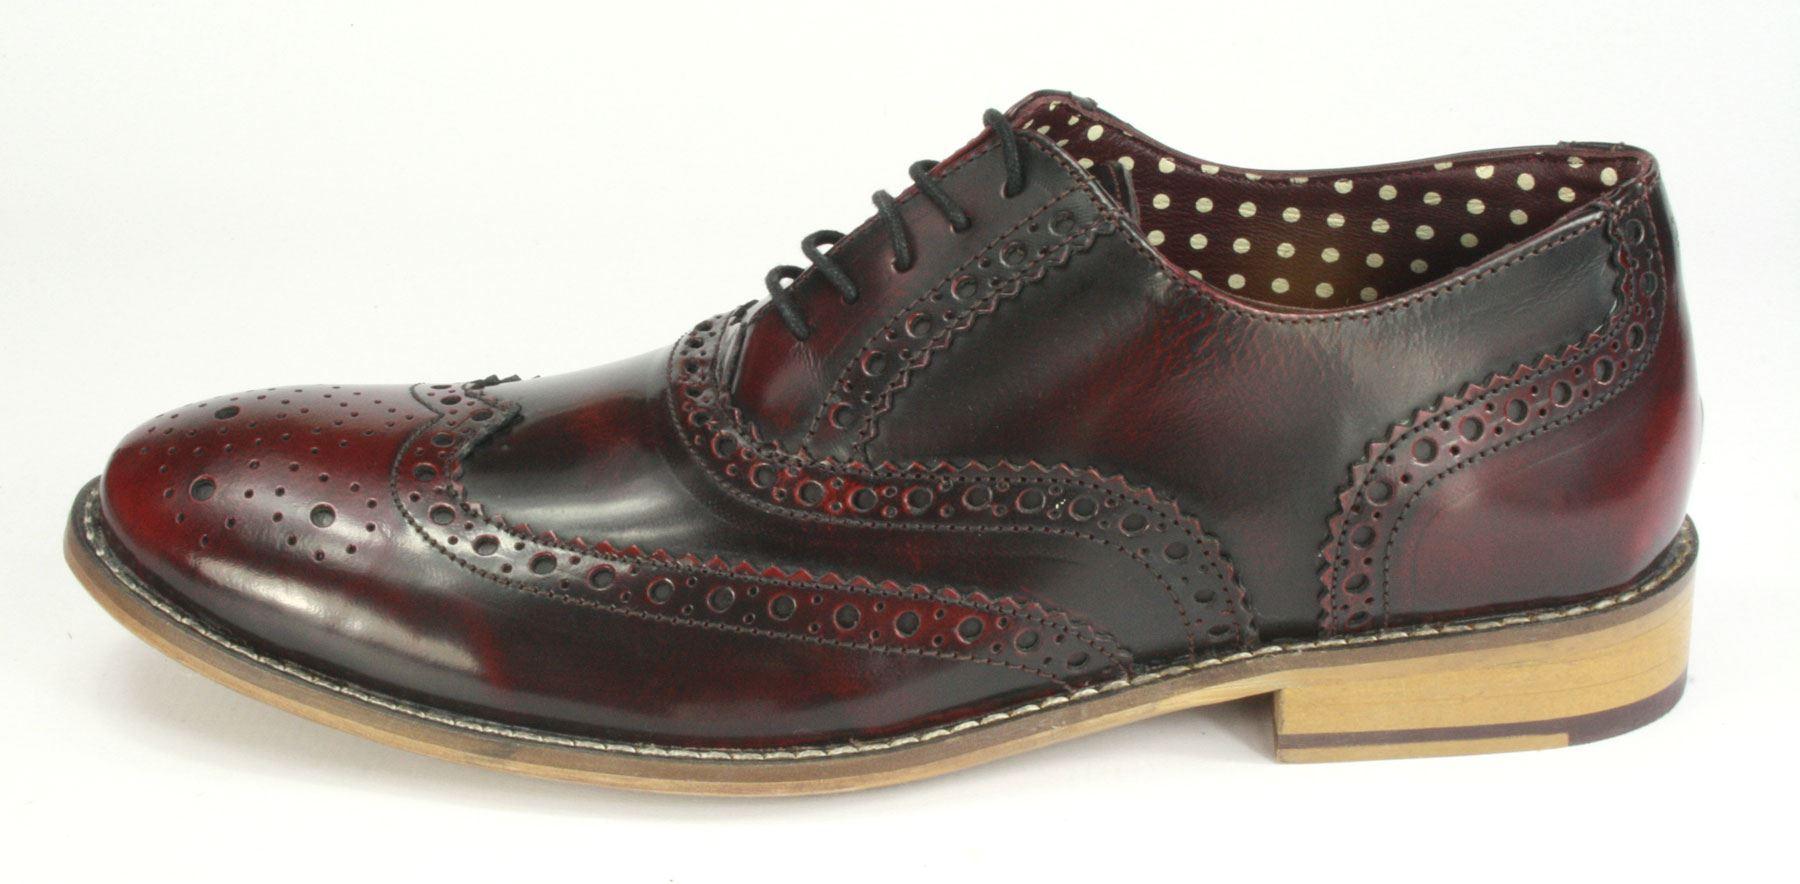 Londres-Brogues-Para-Hombre-Cuero-Encaje-hasta-la-punta-del-ala-formal-Gatsby-Noche-zapato-bajo-de